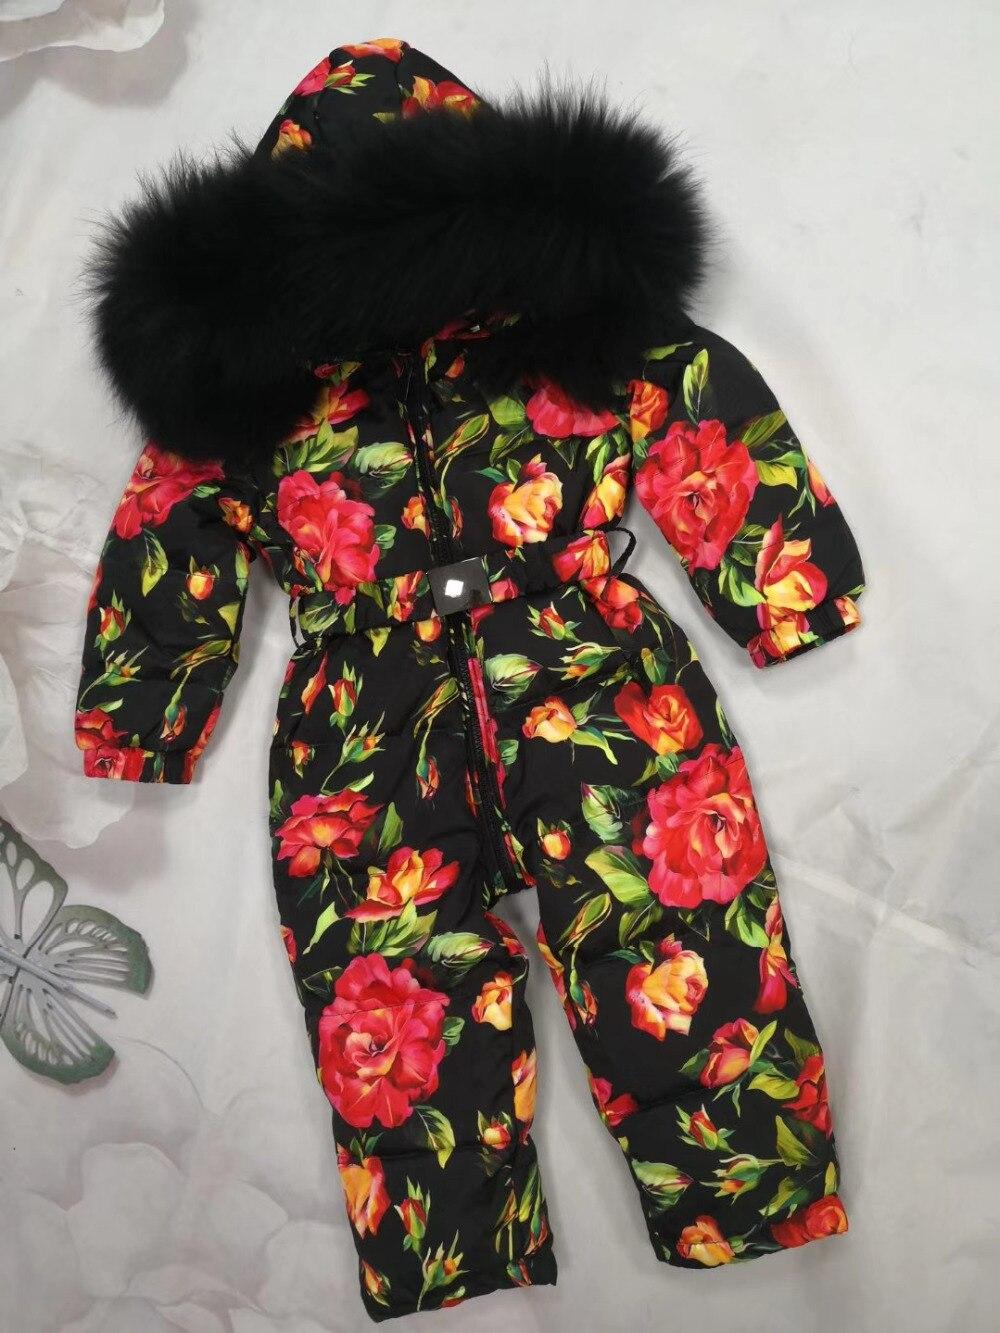 2019 Winter Down Jacket Baby Duck Down Suit Outerwear Fur Hooded Children's Snowsuit Down Coats Child Jumpsuit Romper Ski Suit